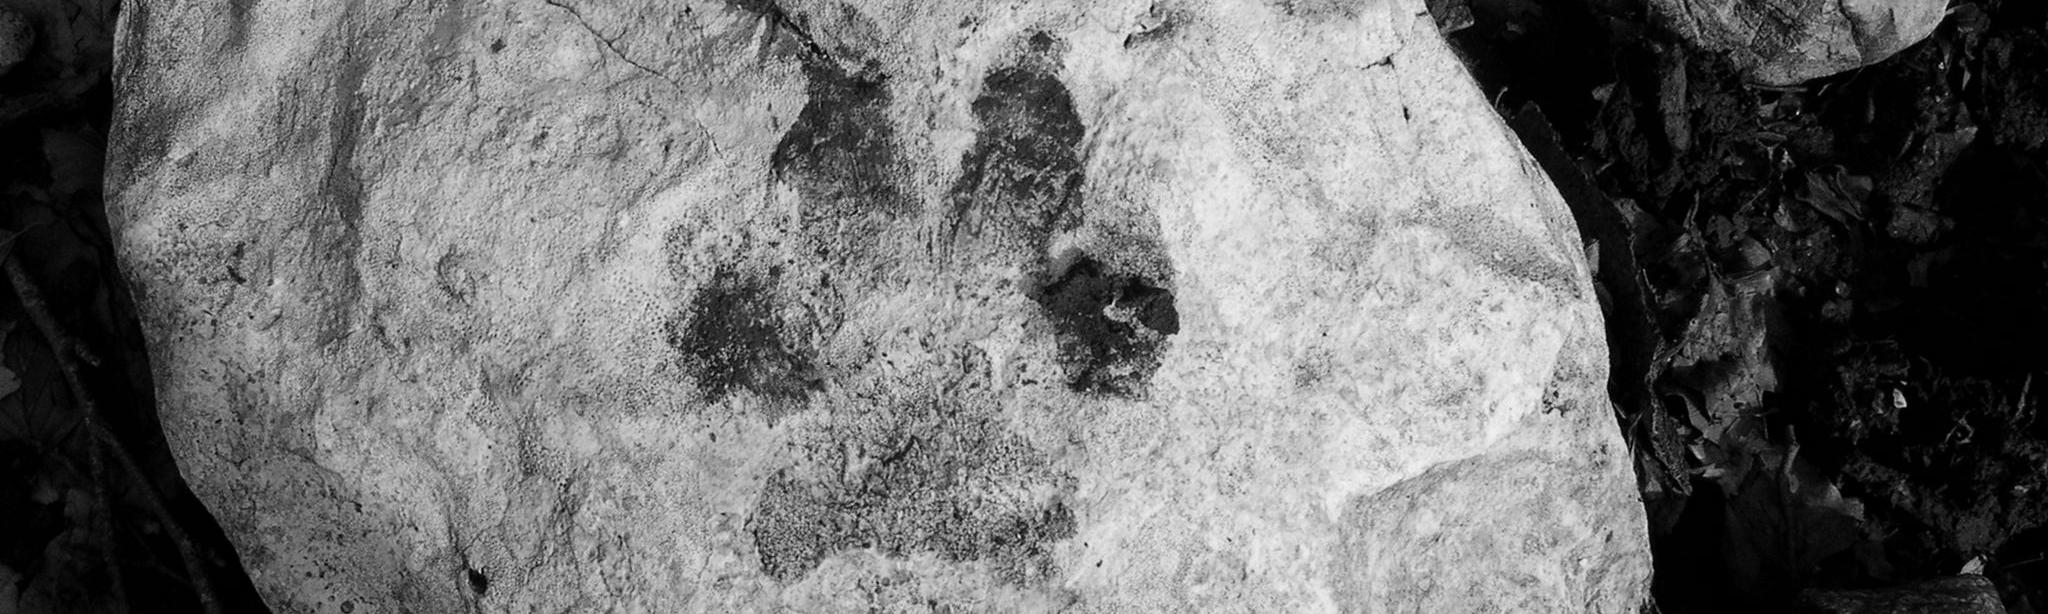 Orma su roccia_rit_BN